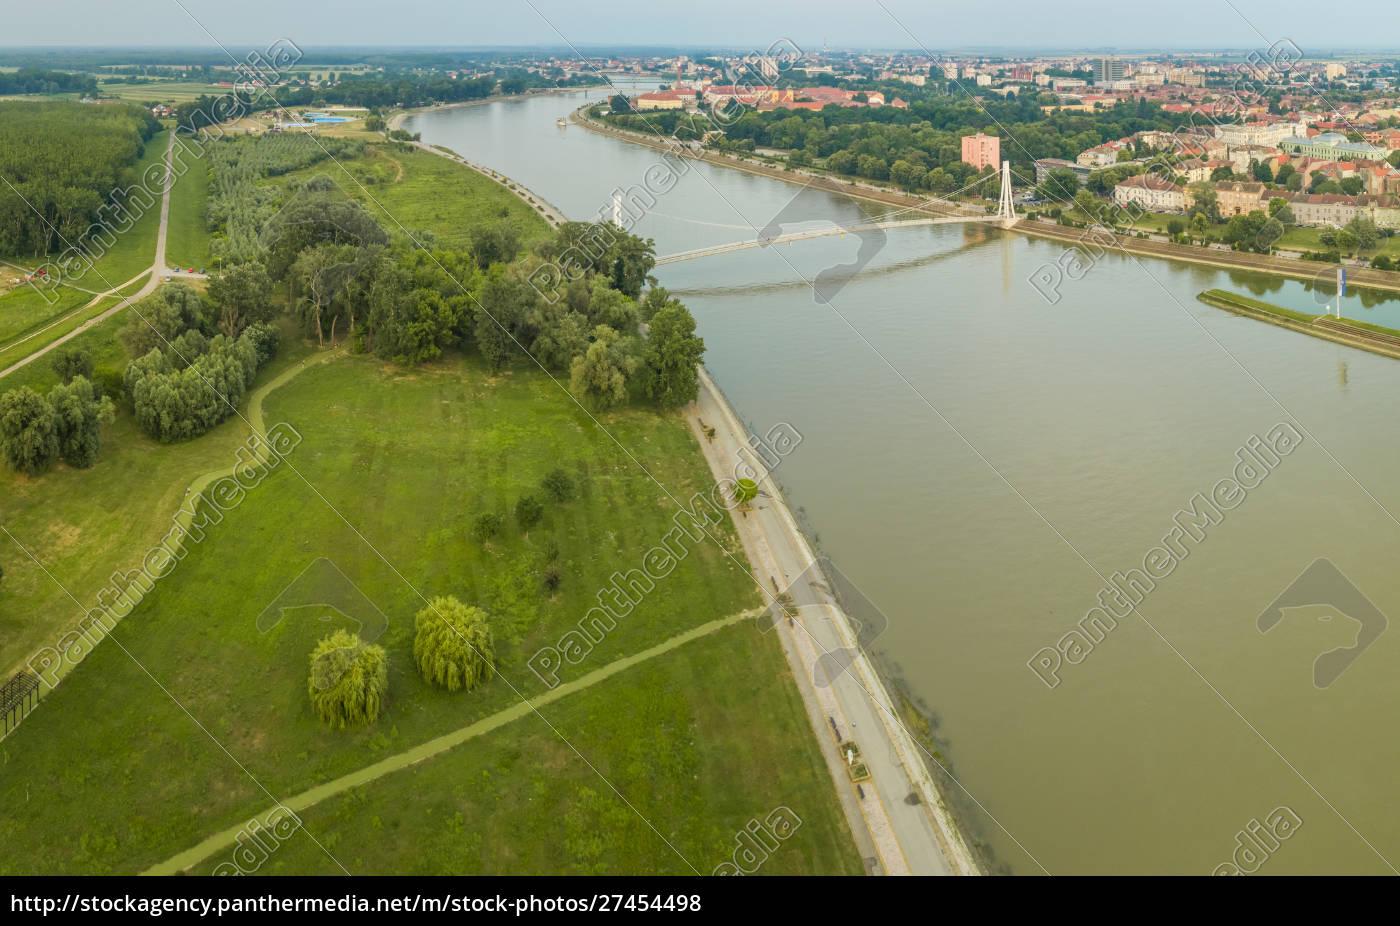 panoramic, aerial, view, of, osijek, and - 27454498